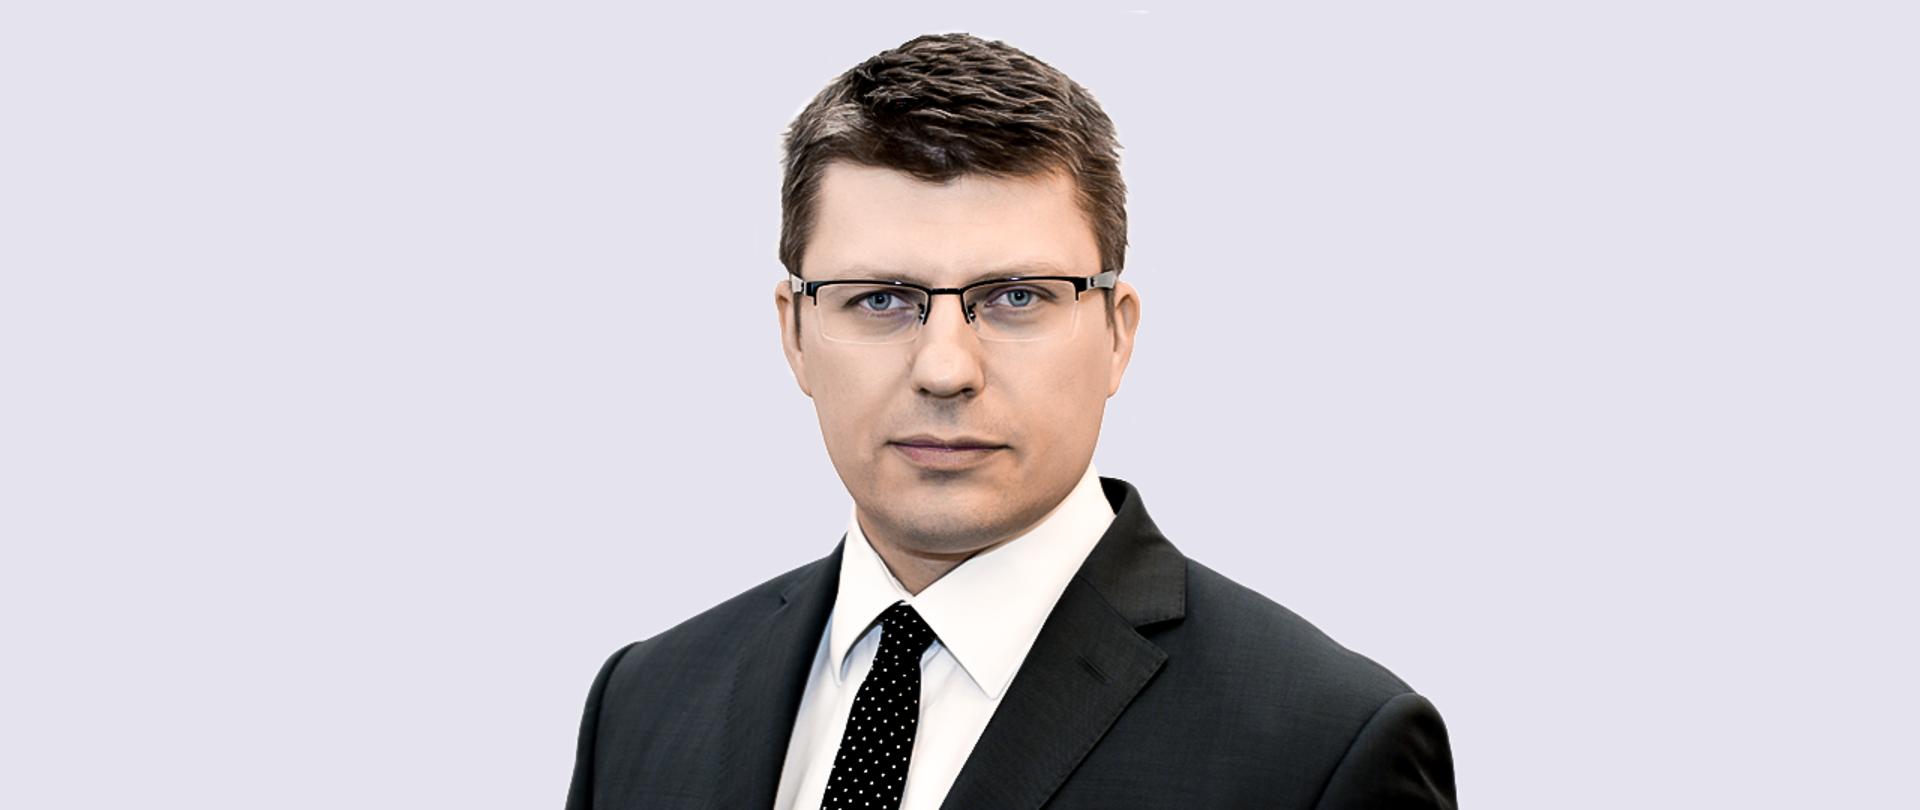 """Minister rodem z Podkarpacia pokonał COVID-19 dzięki """"zakazanej"""" amantadynie - Zdjęcie główne"""